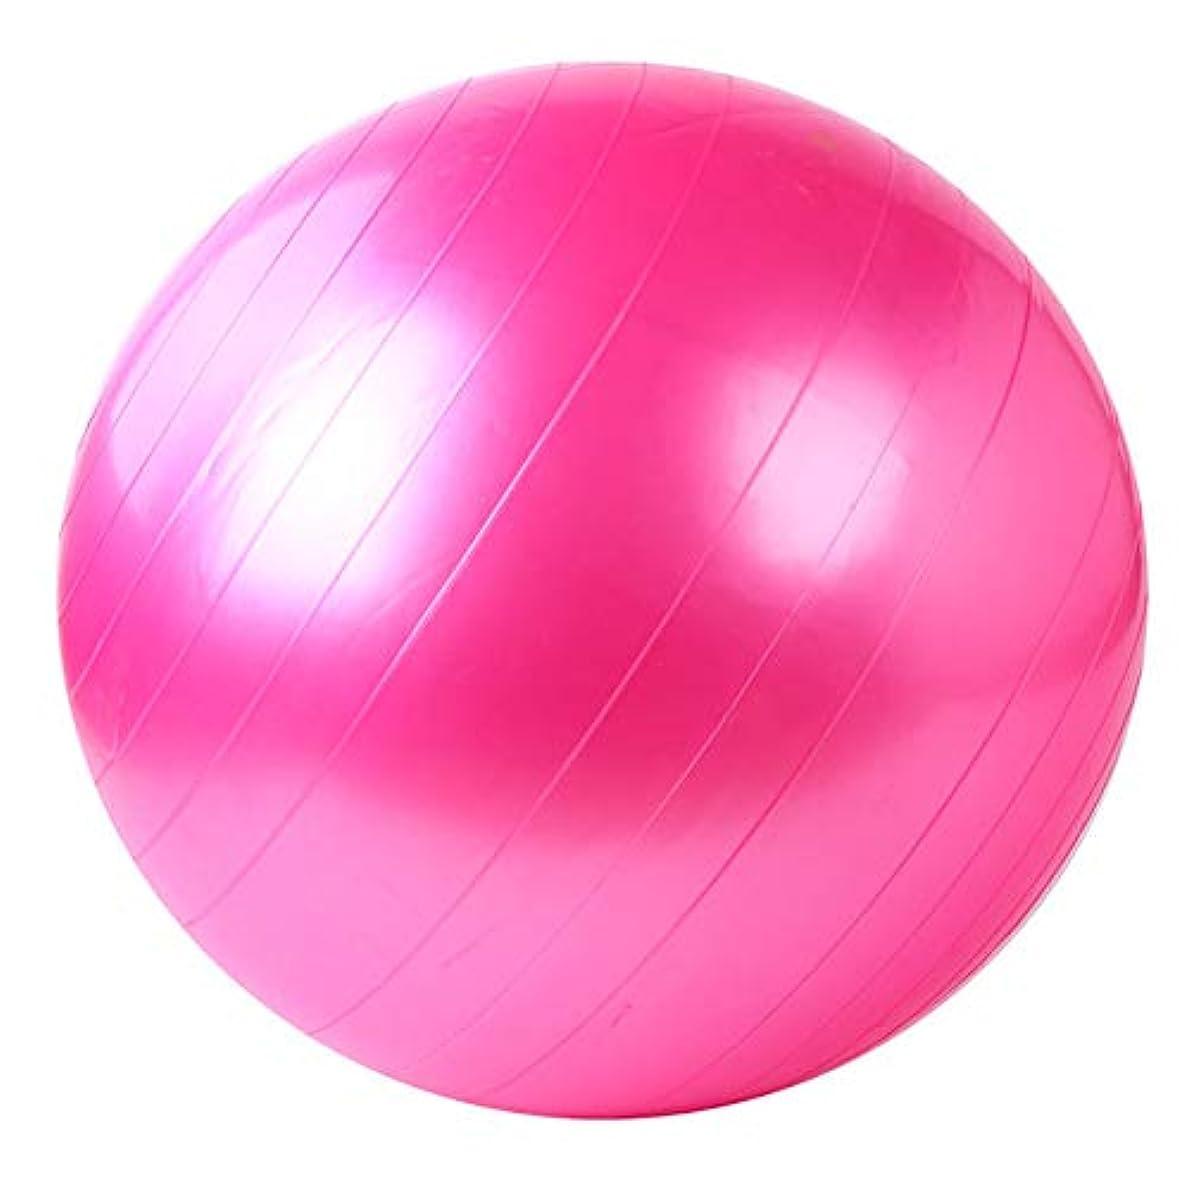 液体王子エロチックGMZJJフィットネスボールヨガボールスポーツヨガボールポーラピラティスフィットネスボールジムバランスエクササイズピラティスエクササイズ55cm